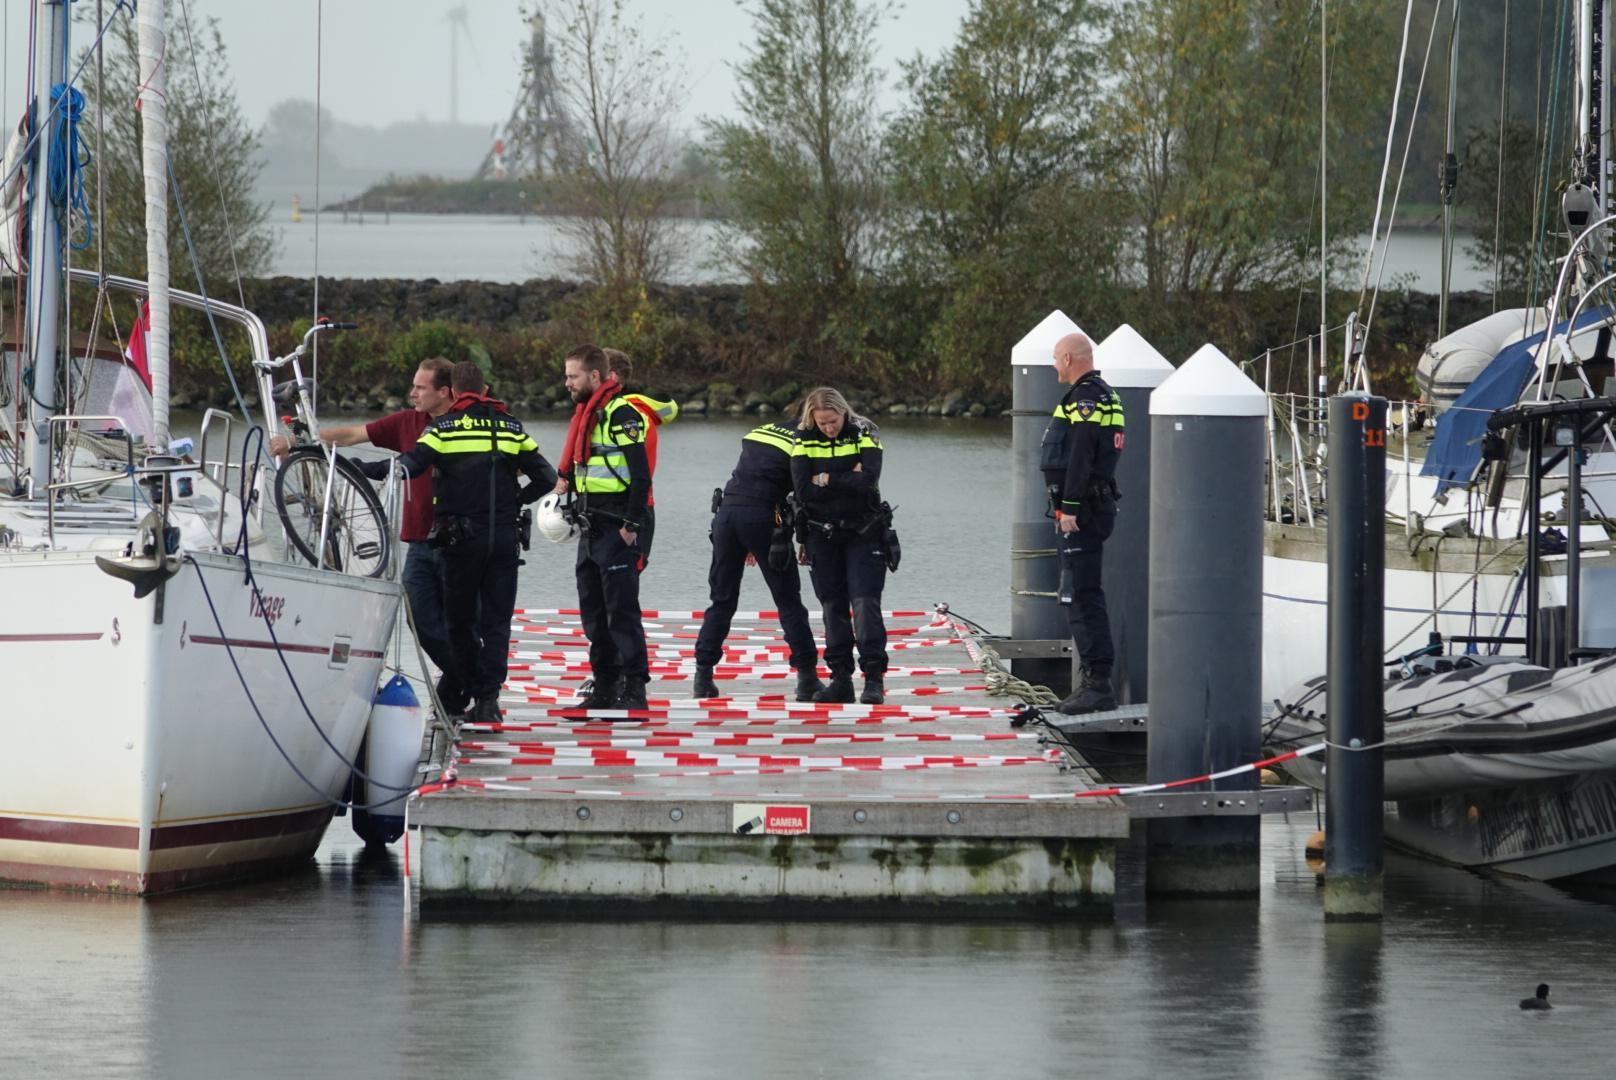 Verwarde man gaat in Hoornse haven aan de haal met zeiljacht